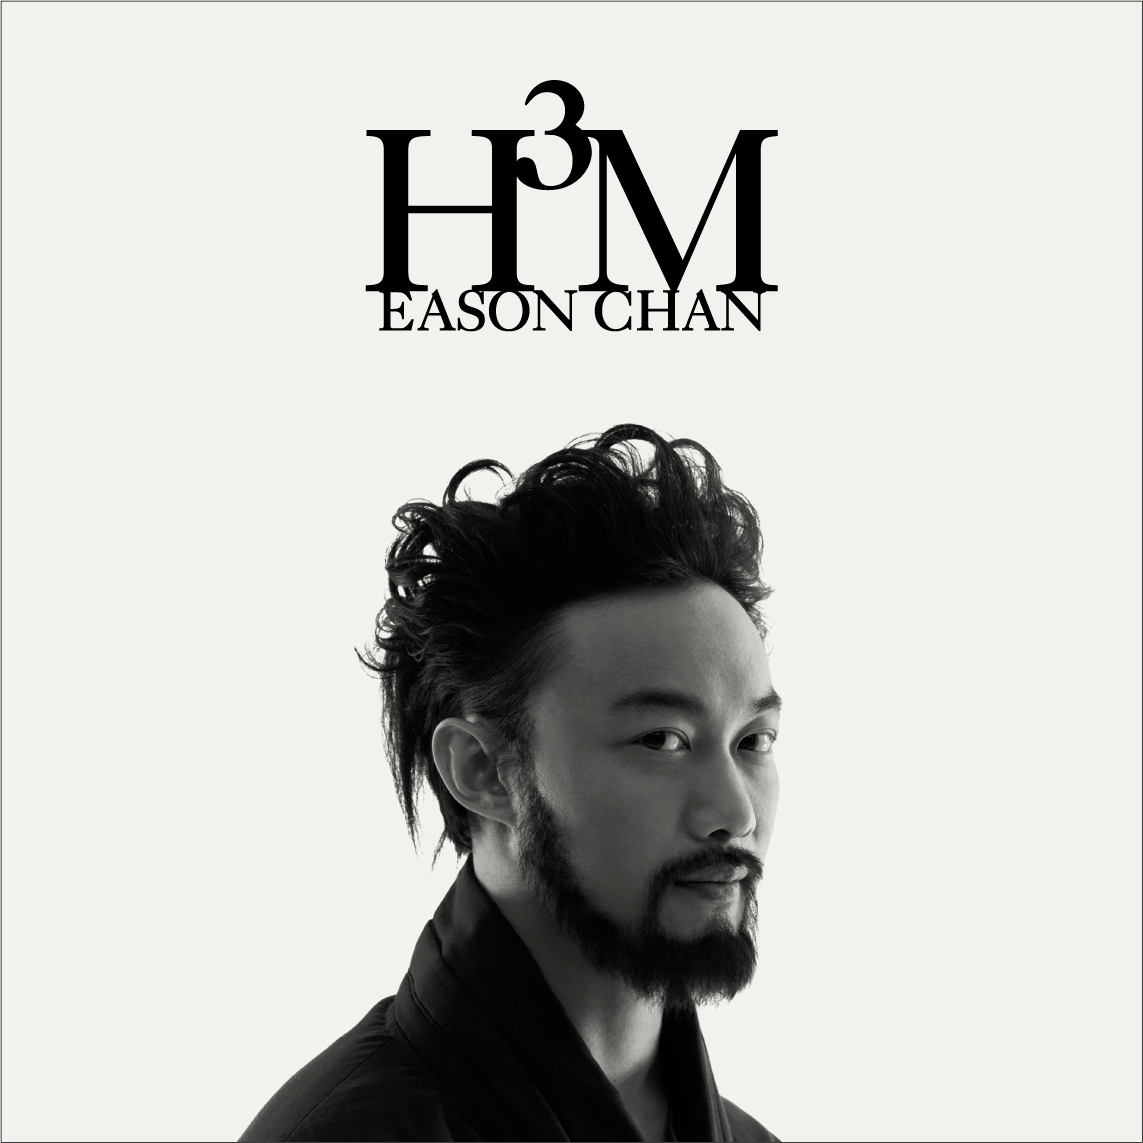 陈奕迅 H3M